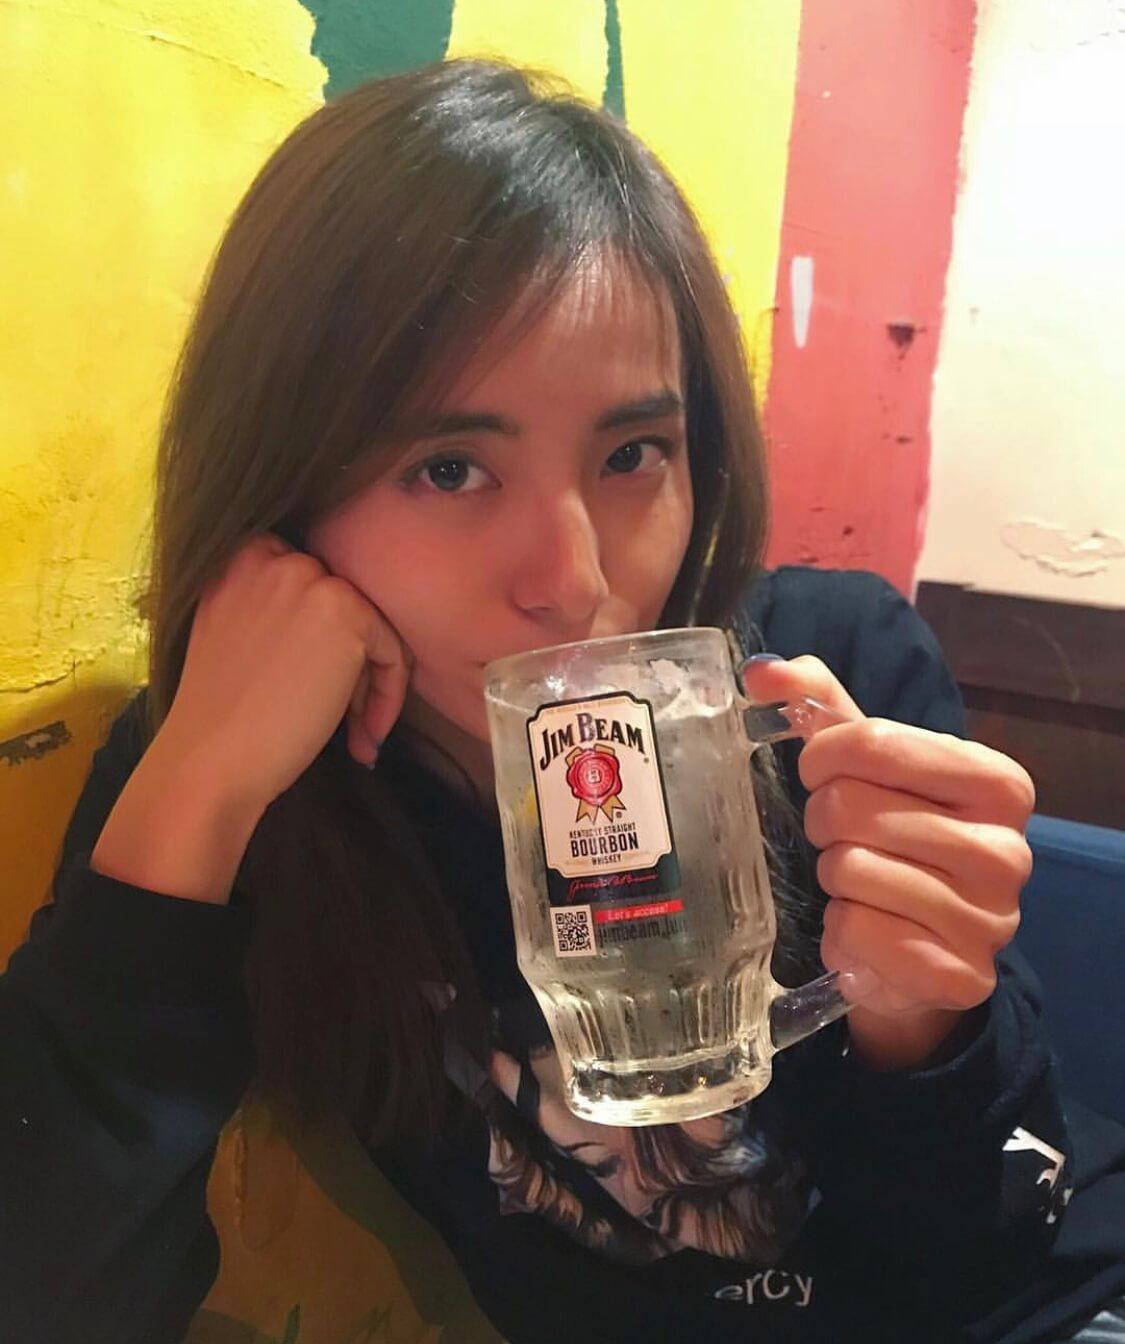 佐野千晃さんがお酒を飲んでいる写真